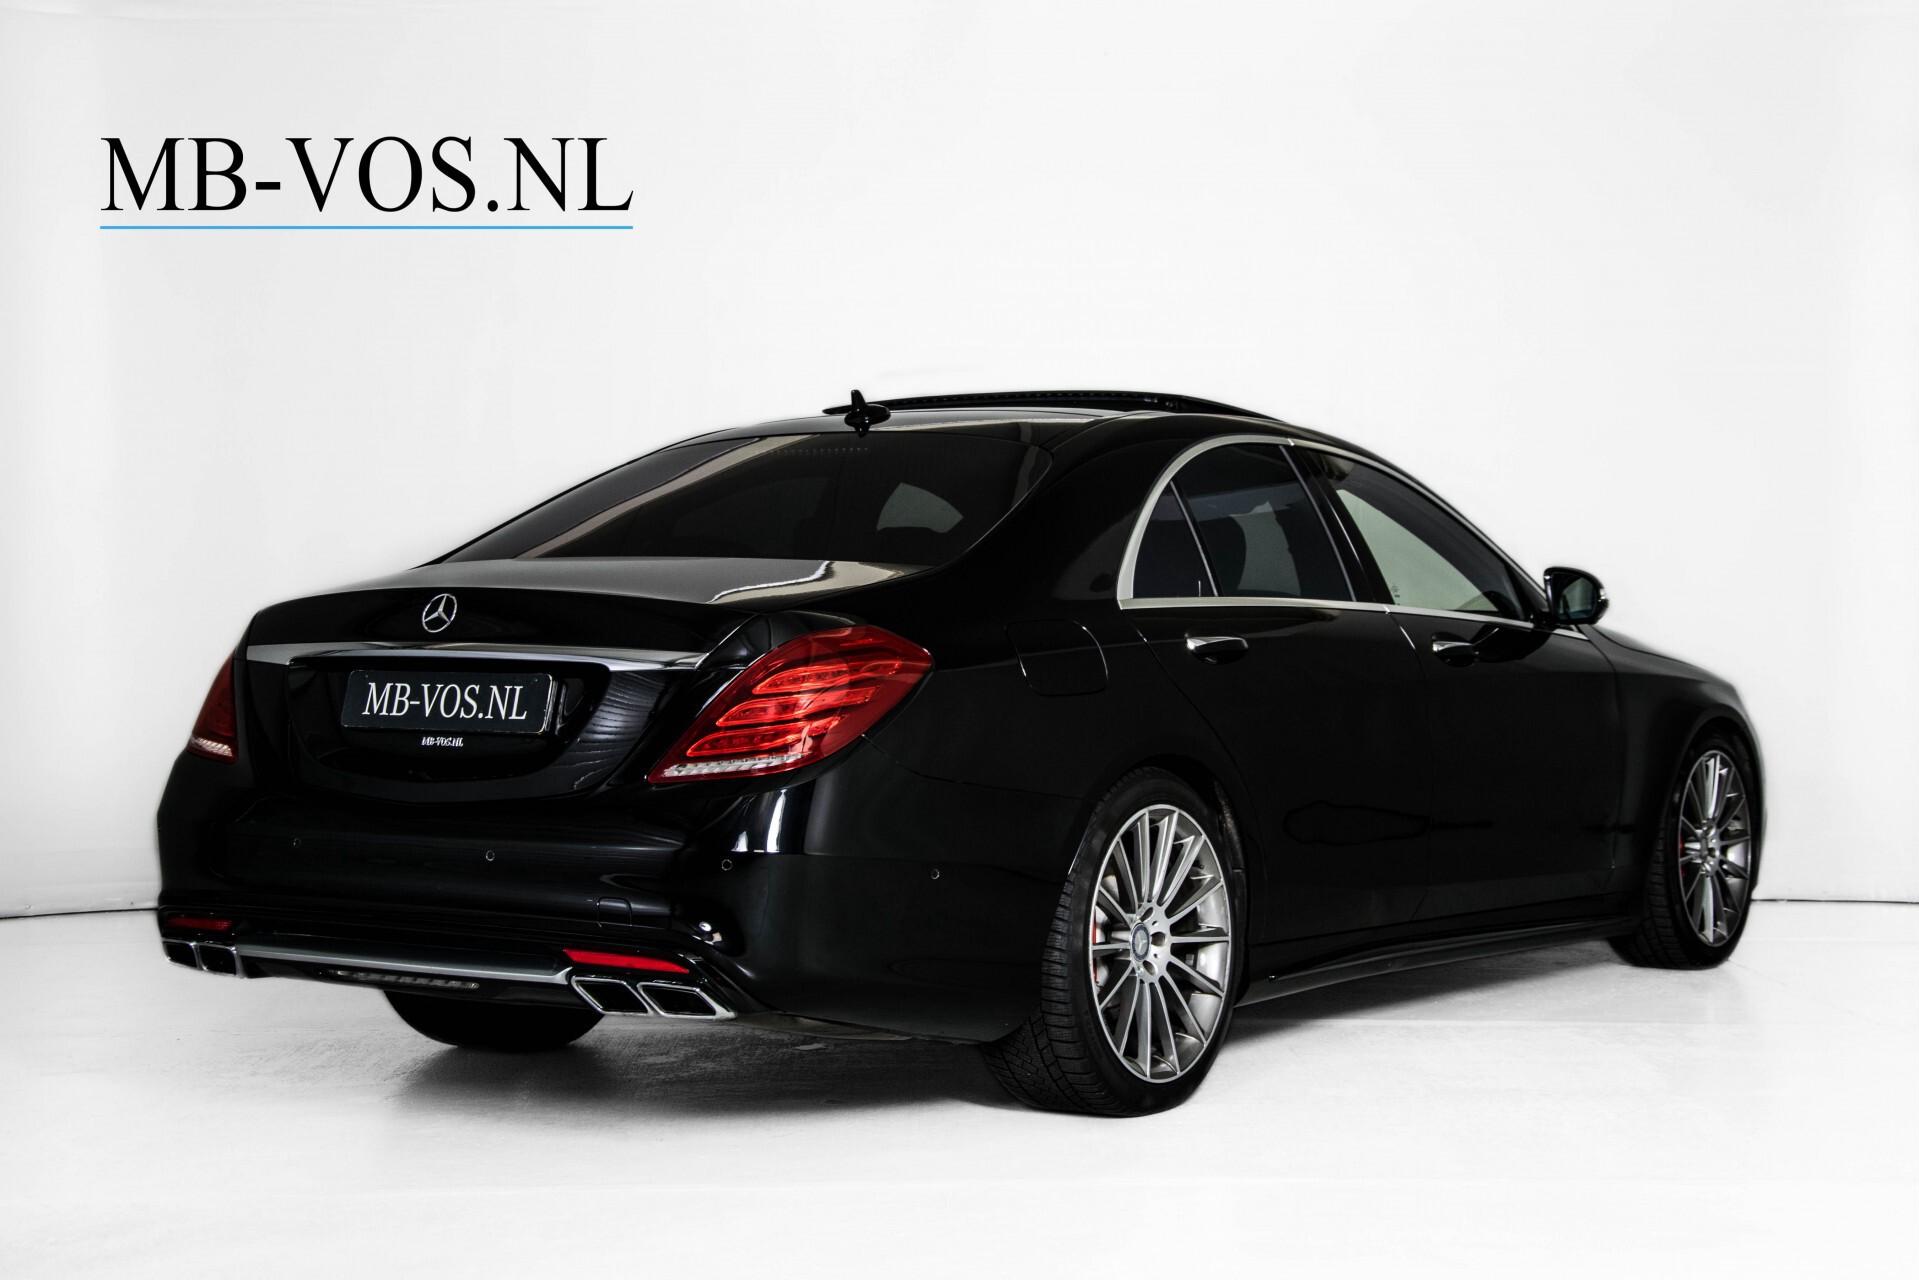 Mercedes-Benz S-Klasse 500 4-M AMG Panorama/Standkachel/Massage/Entertainment/TV Aut7 Foto 2